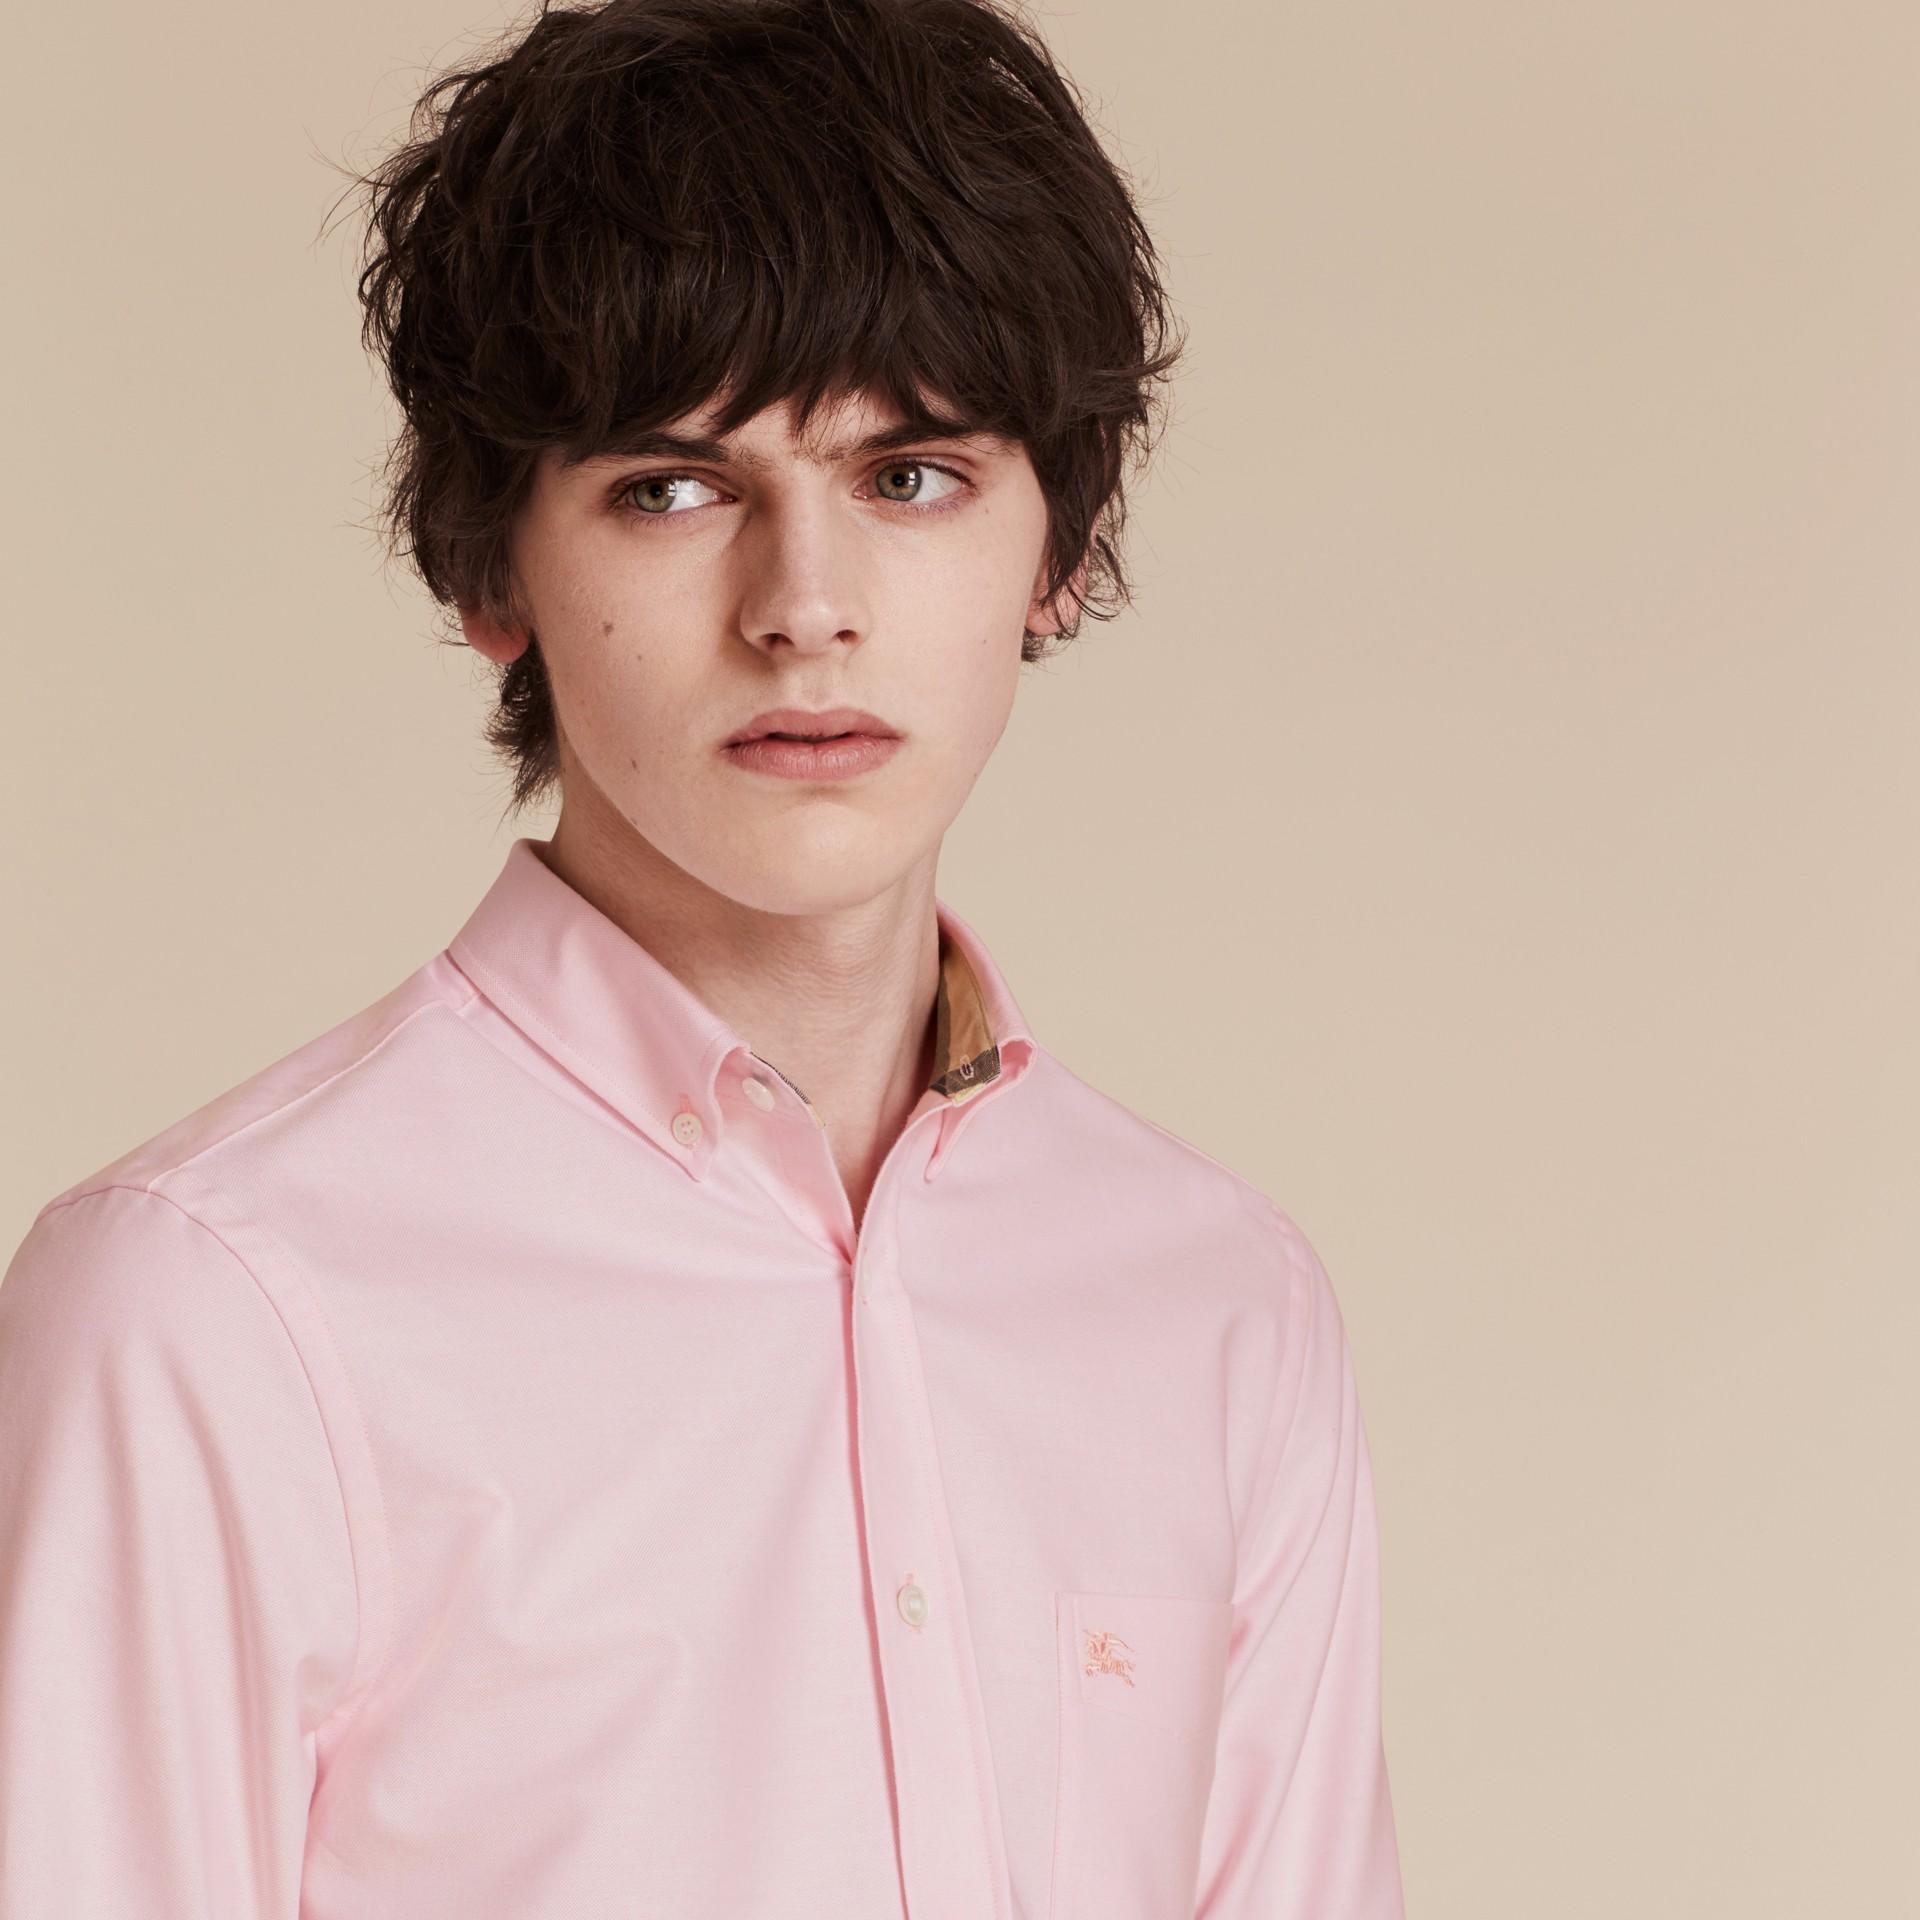 Бледно-розовый Рубашка из ткани «оксфорд» с отделкой в клетку Бледно-розовый - изображение 5